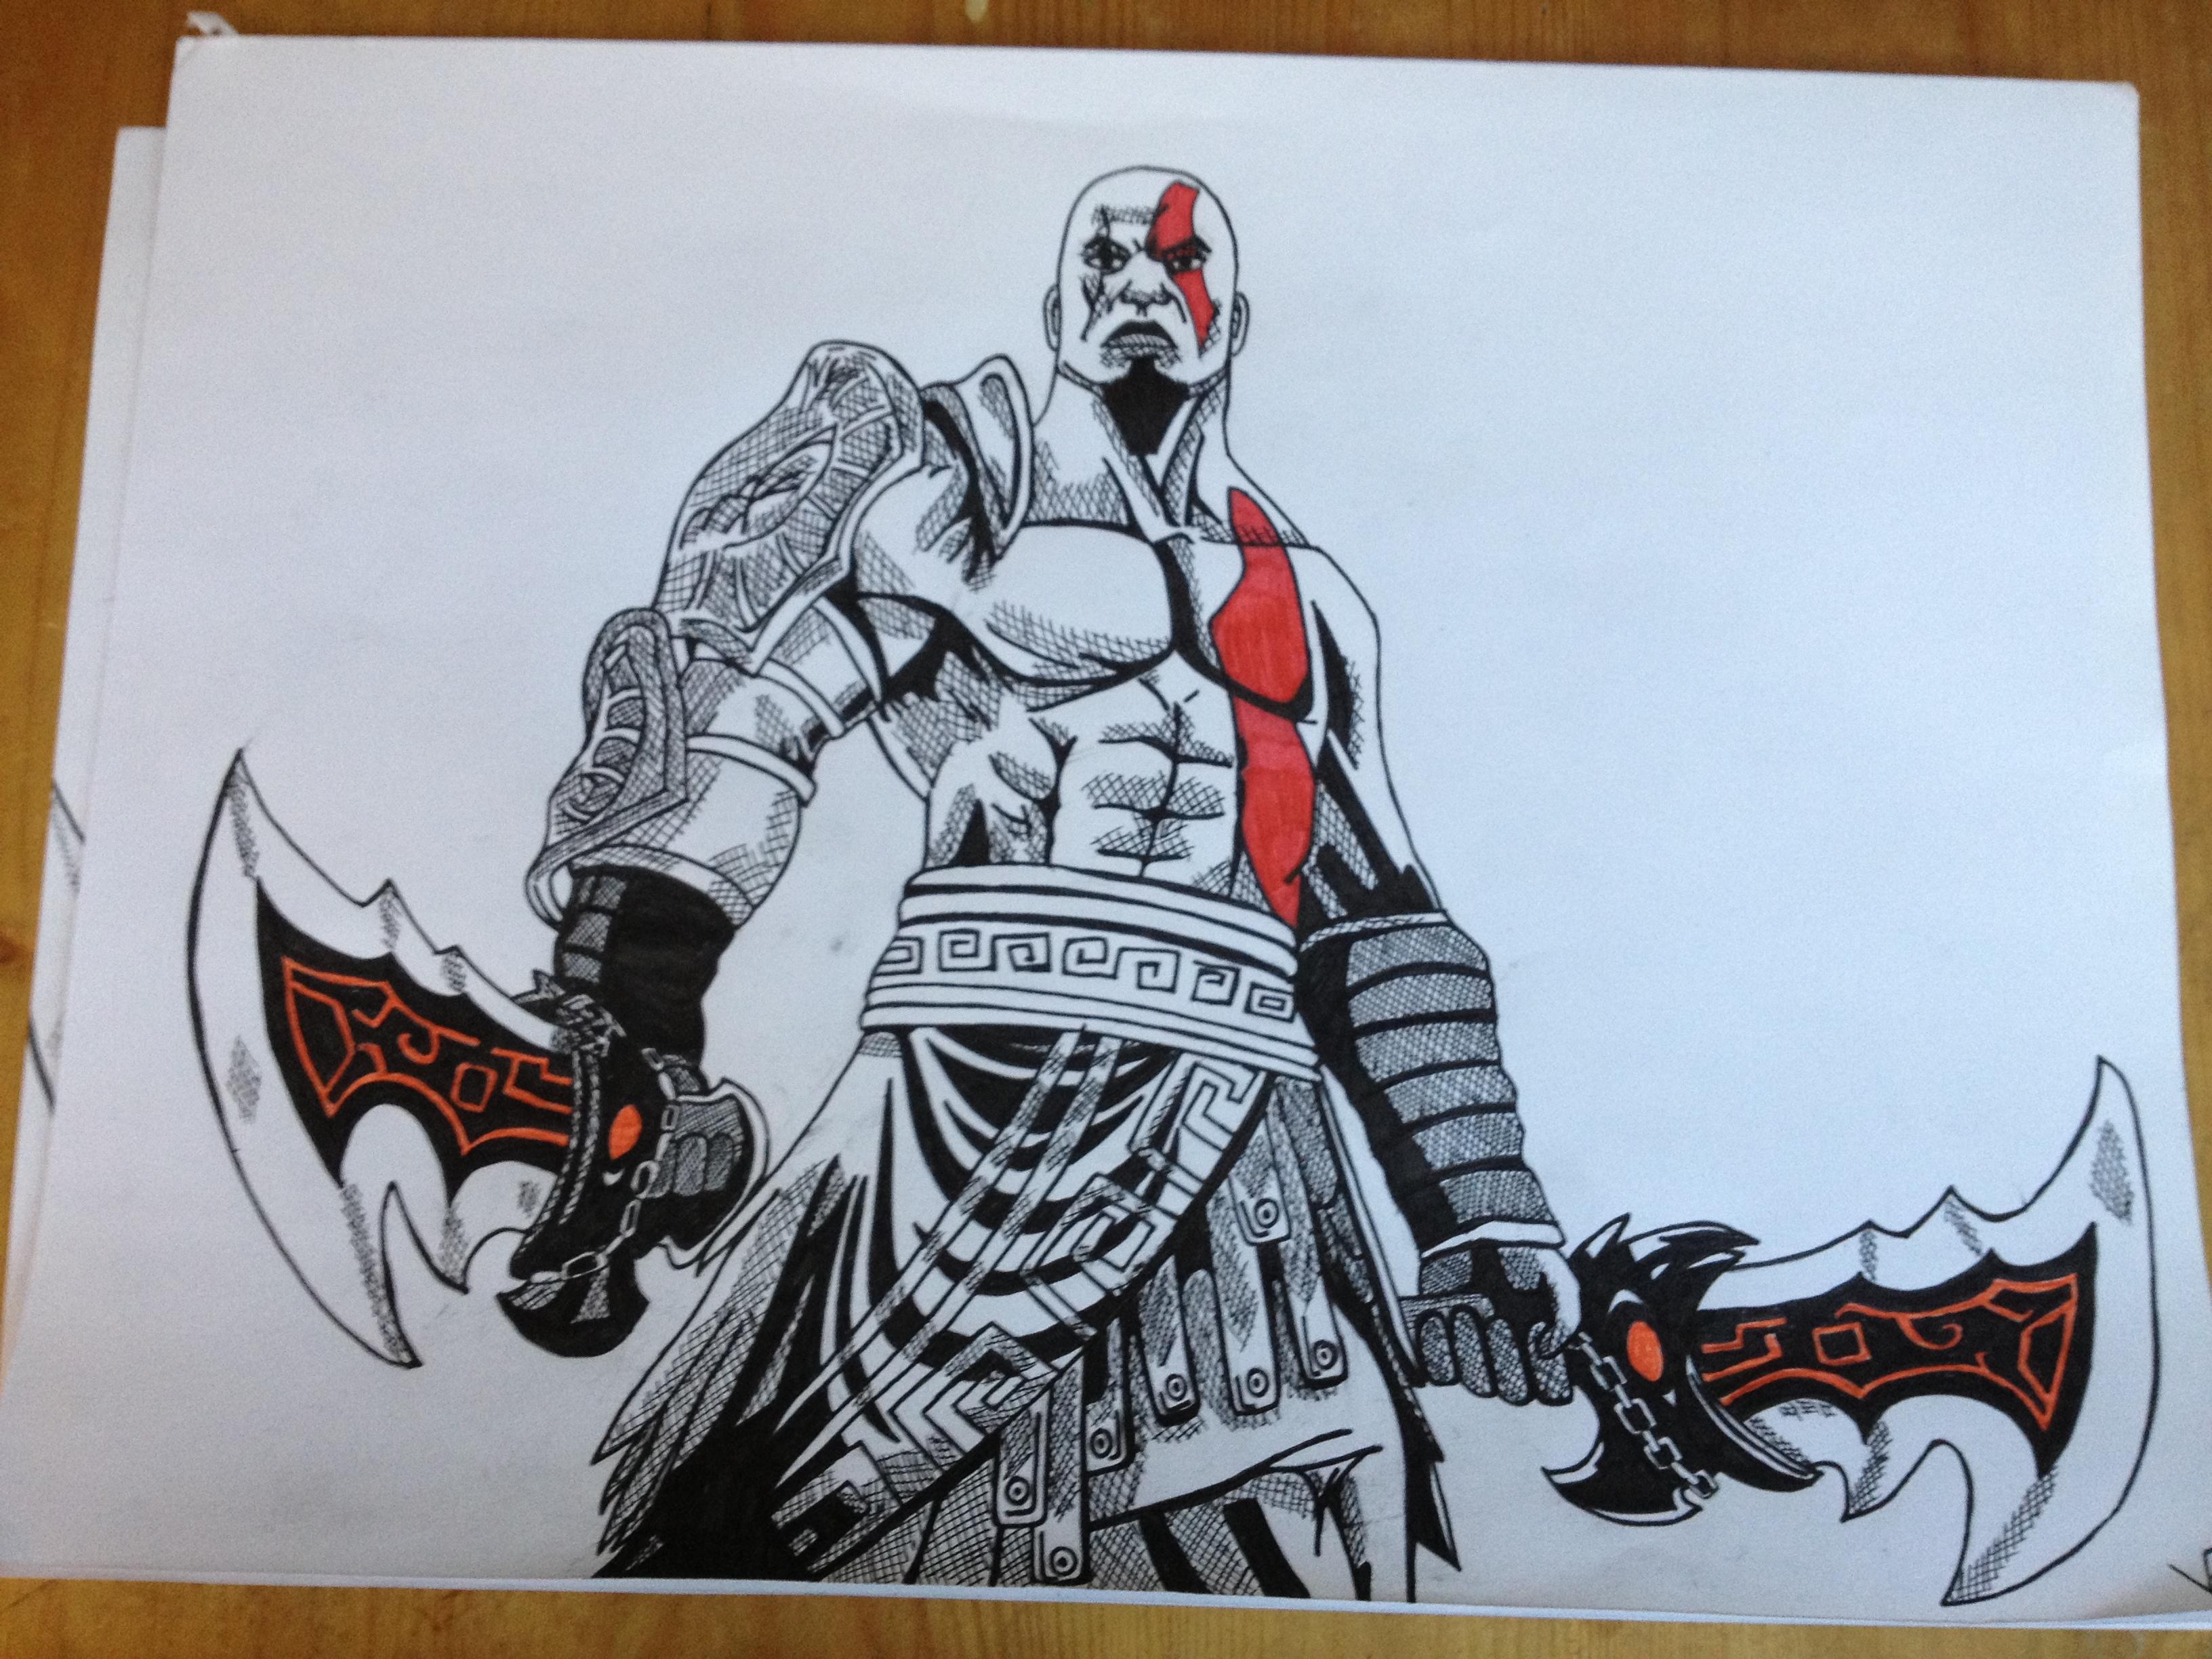 3264x2448 Kratos From God Of War Ballpoint Pen Drawing. Art